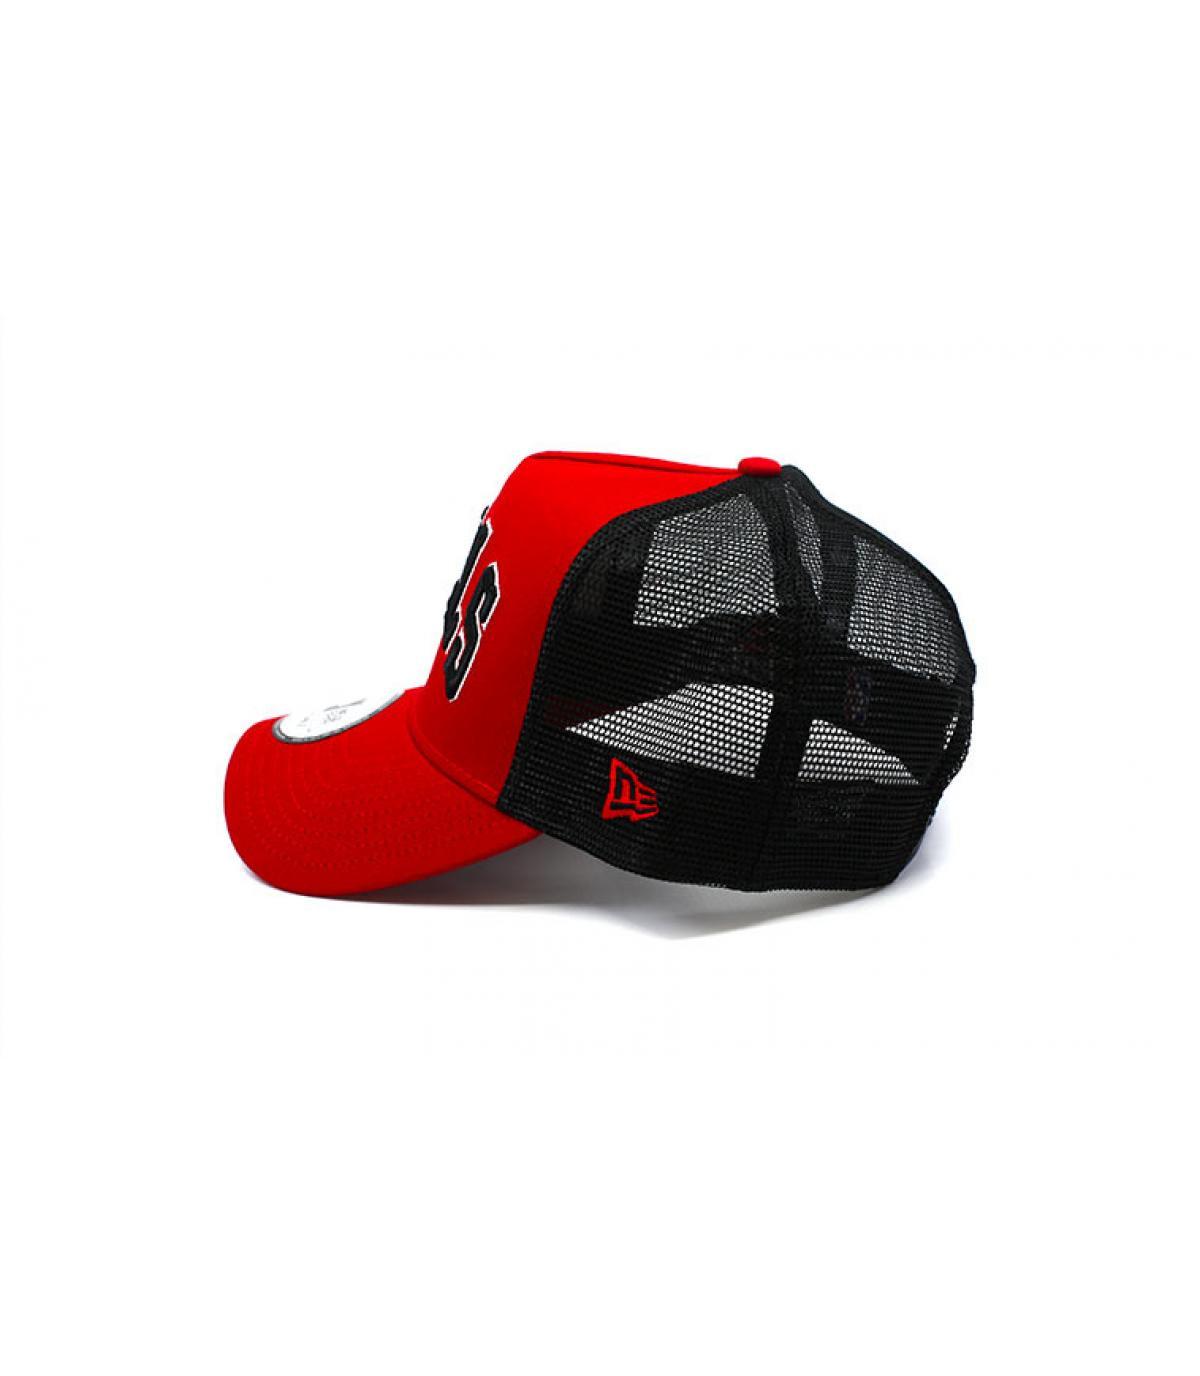 Détails Trucker Reverse Team Bulls - image 4